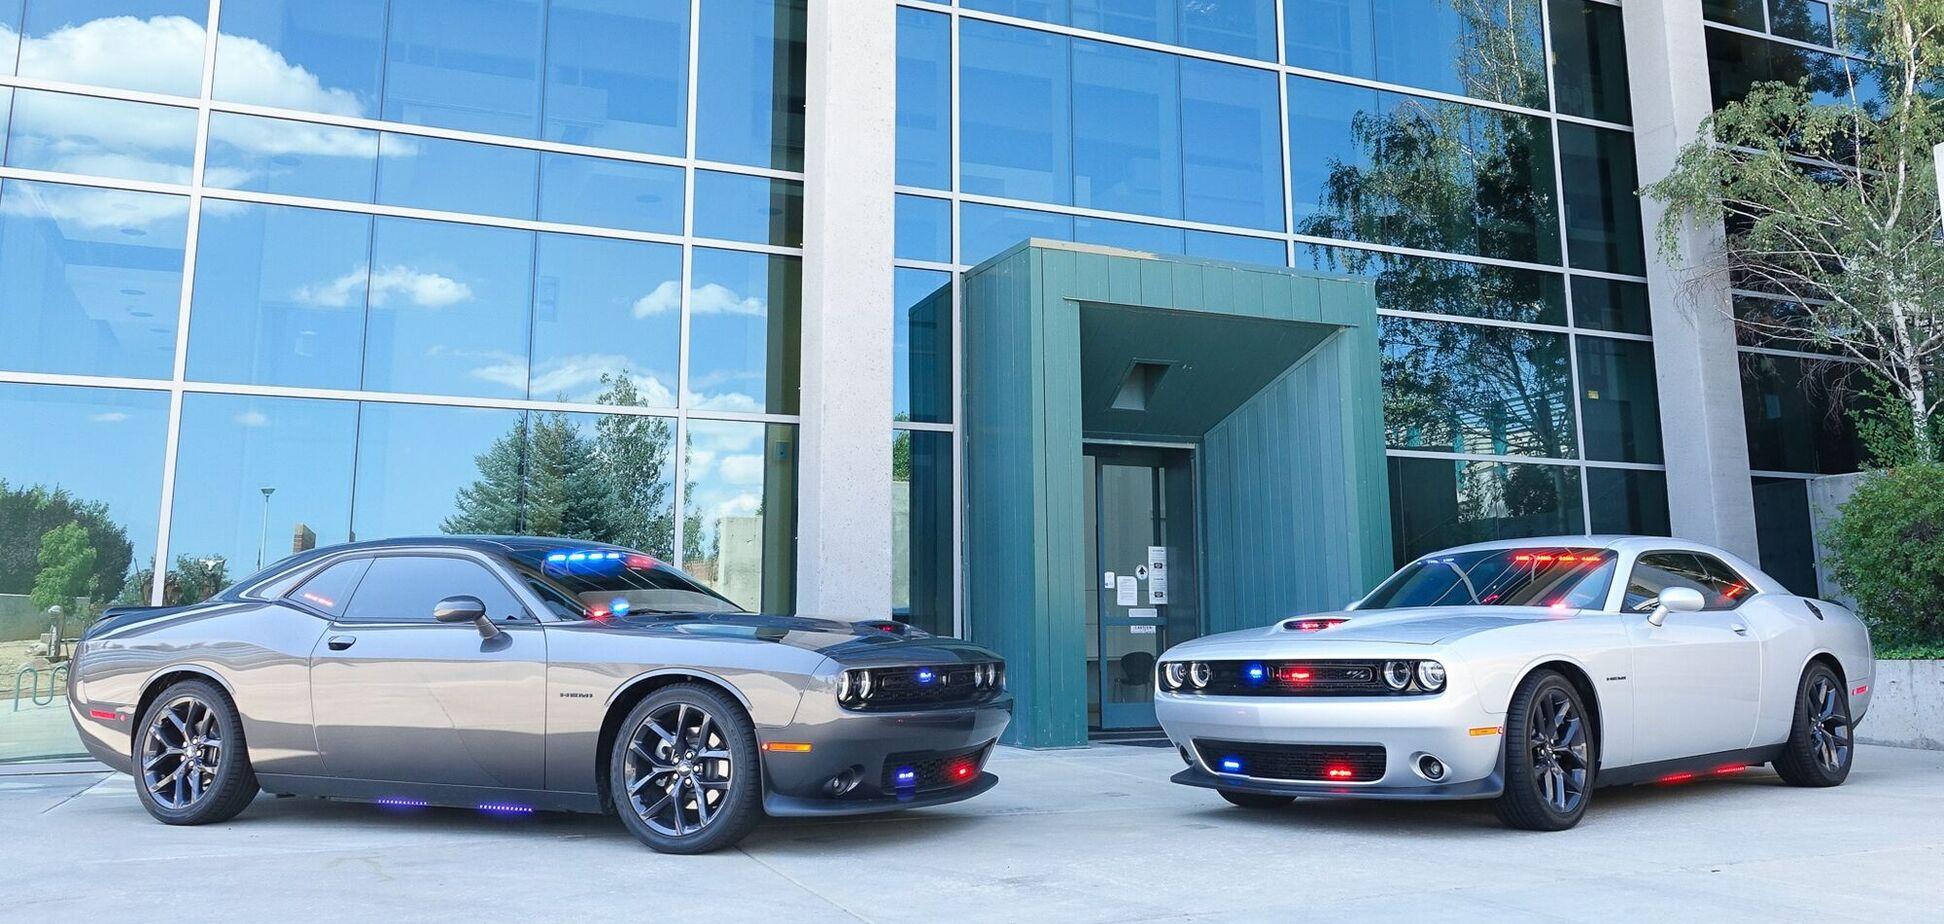 Полиция на спорткарах Dodge займется нарушителями ПДД в США